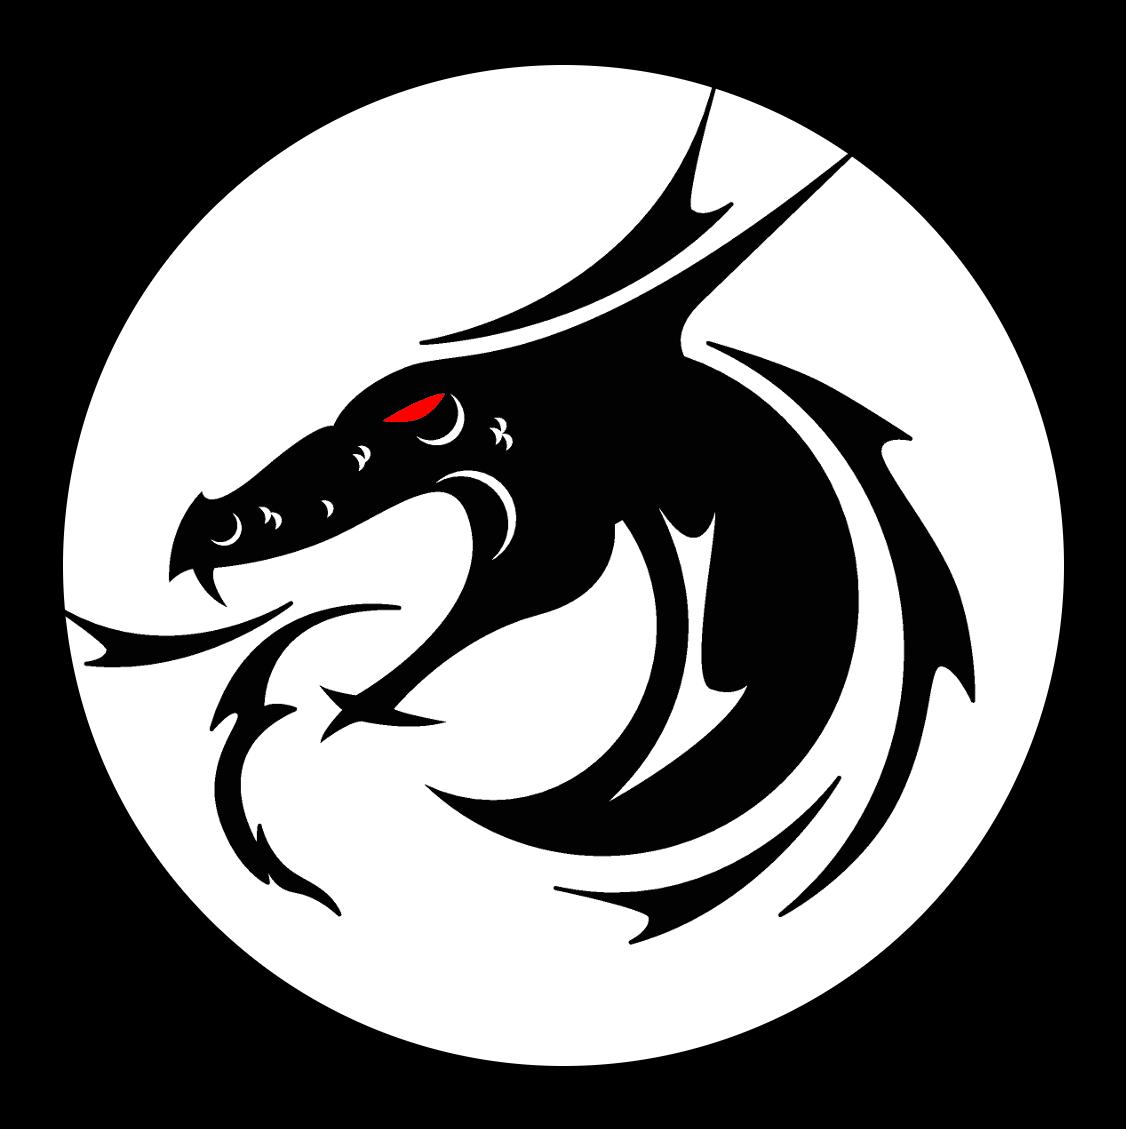 Furrtrax The Da Bad Moon Dragon